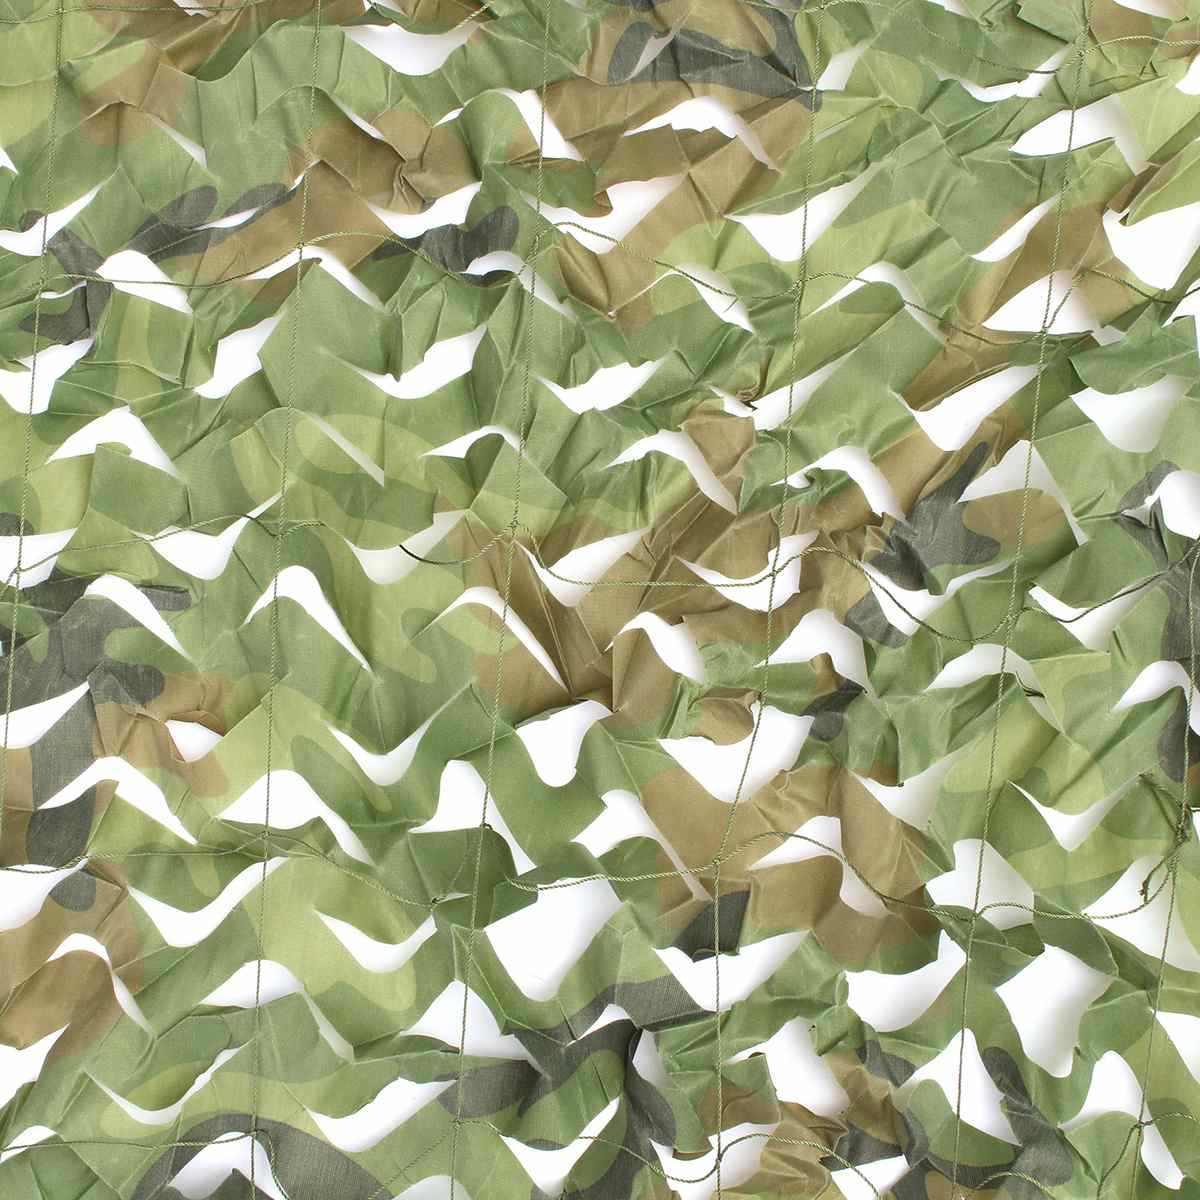 Açık Güneş Barınak 6x4m Gölgelik askeri kamuflaj Örgü Dekorasyon Güneşlik Kumaş Askeri Ordu Avcılık Kamp kapak ağı